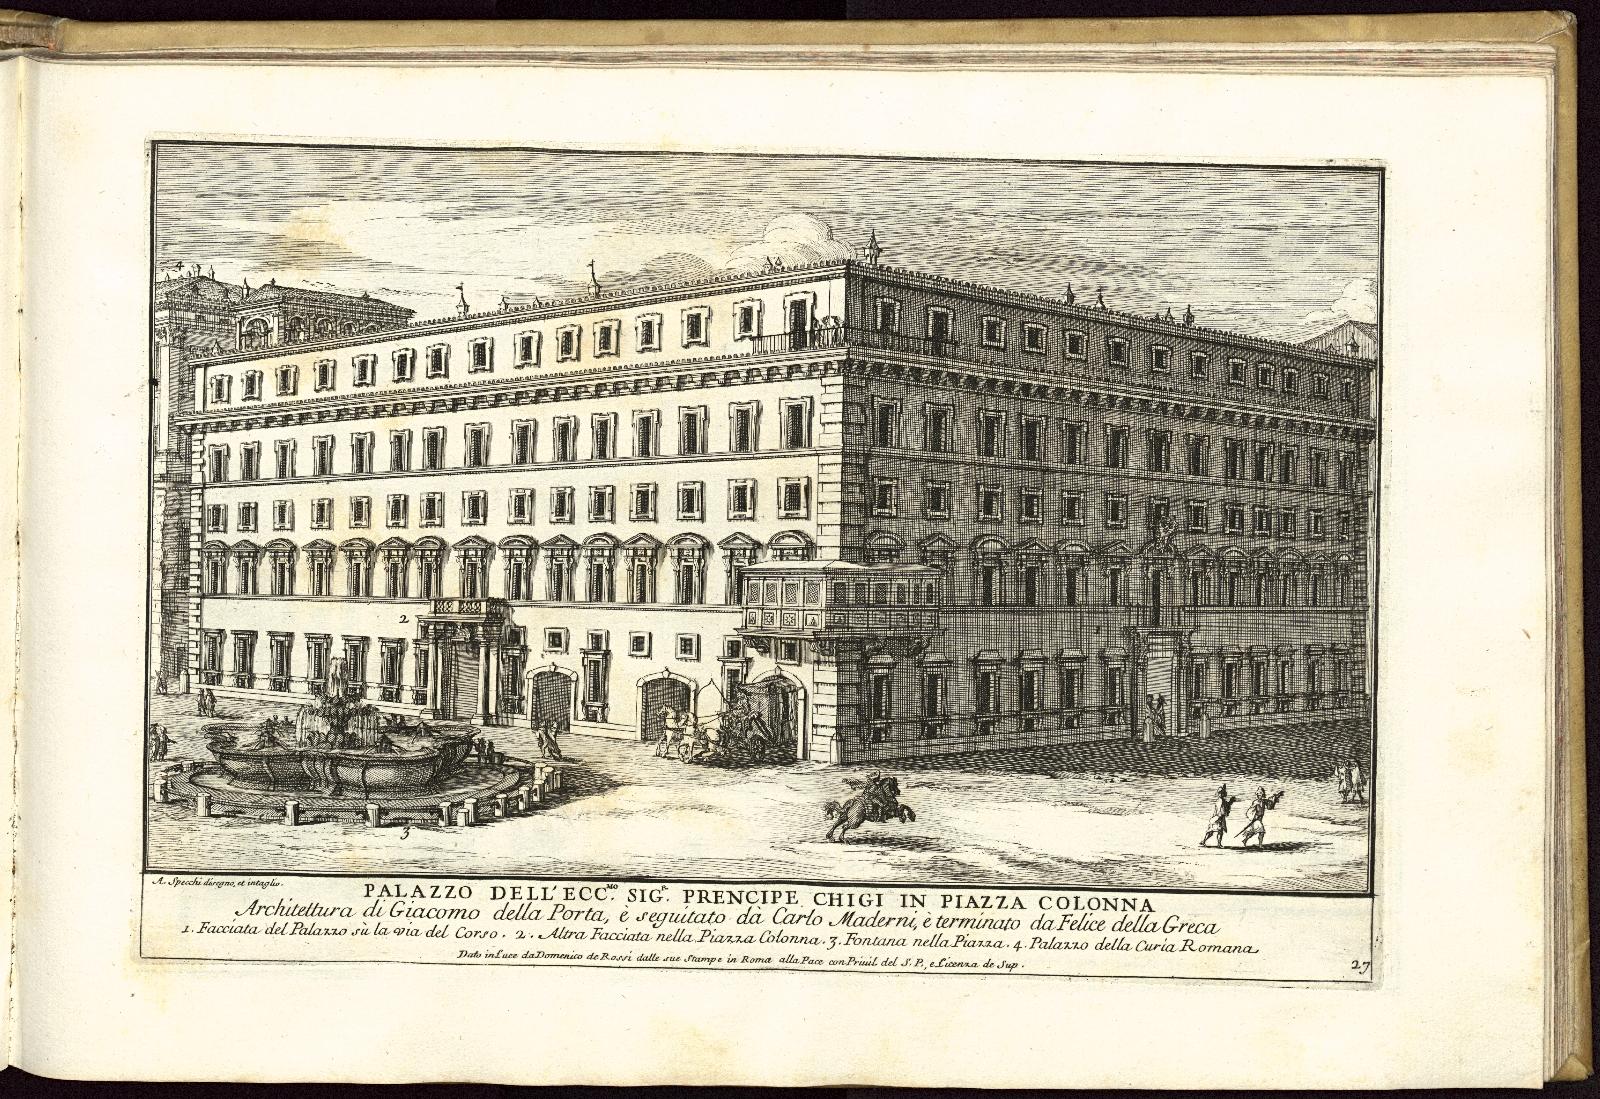 Specchi, Alessandro. Palazzo Dell'Ecc. Sig. Prencipe Chigi in Piazza Colonna, 1699.